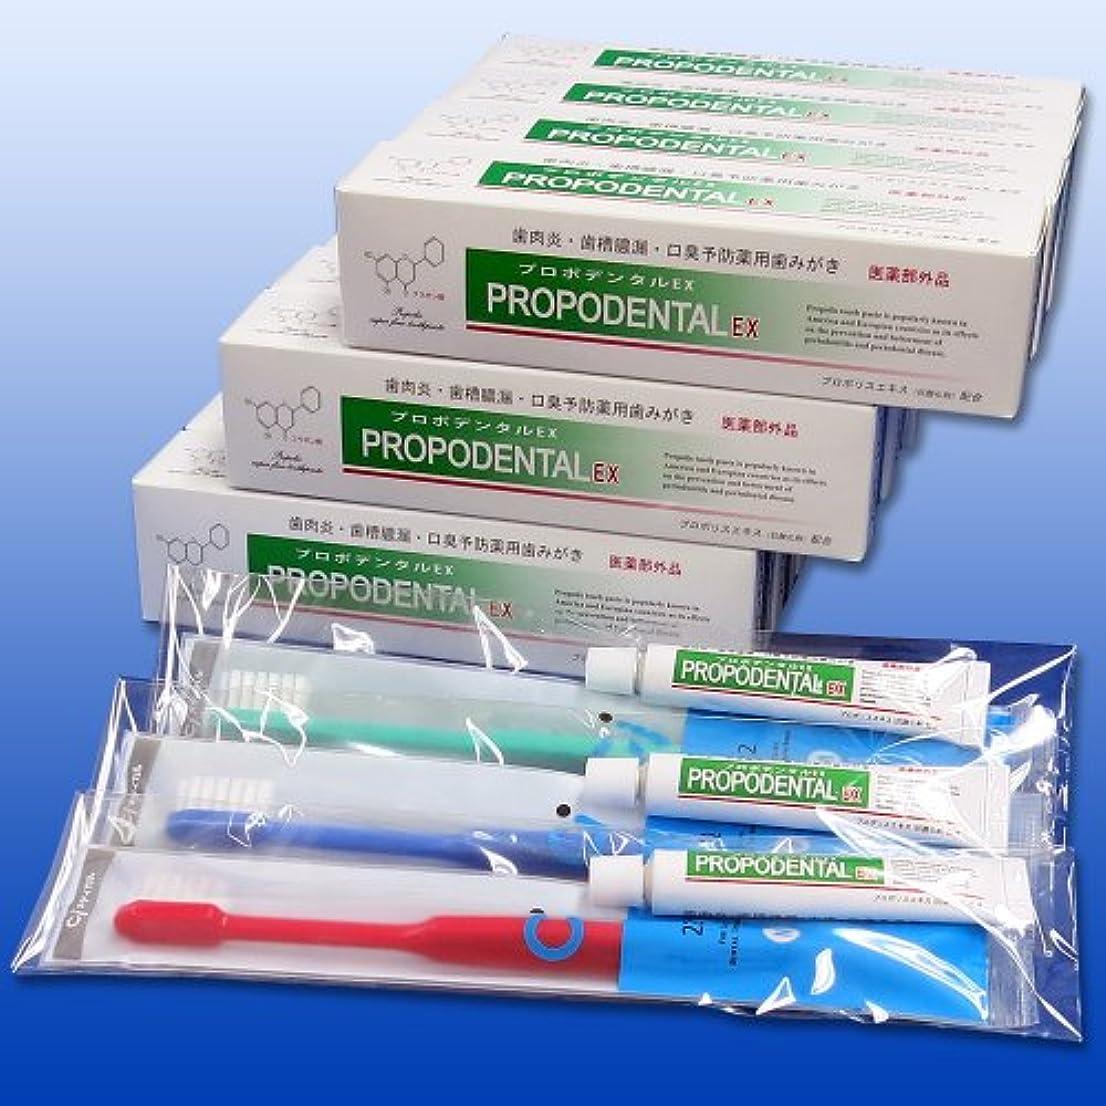 慣らす特別に許容プロポデンタルEX(80g)12本セット+ハブラシセット 3セット【歯周病】歯磨き粉 プロポリス配合薬用歯みがき 口臭ケア